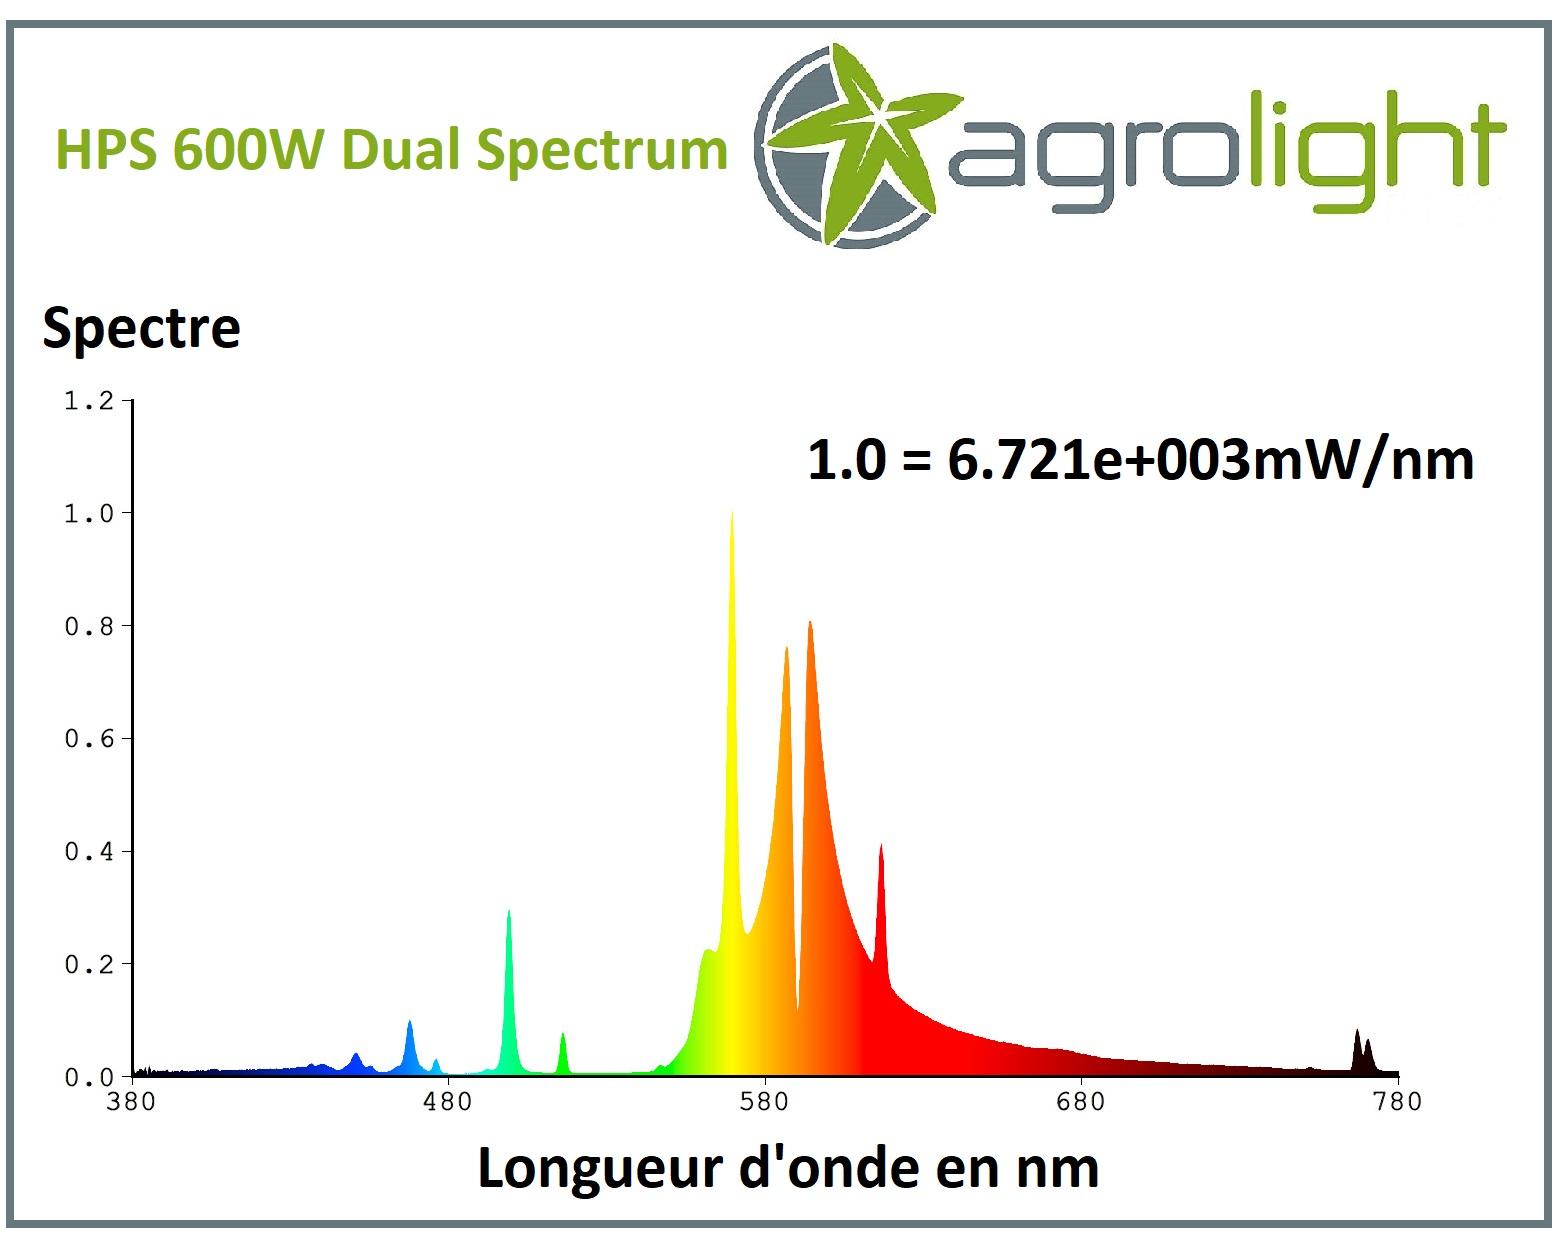 Performance spectrale de la lampe HPS 600W Agrolight